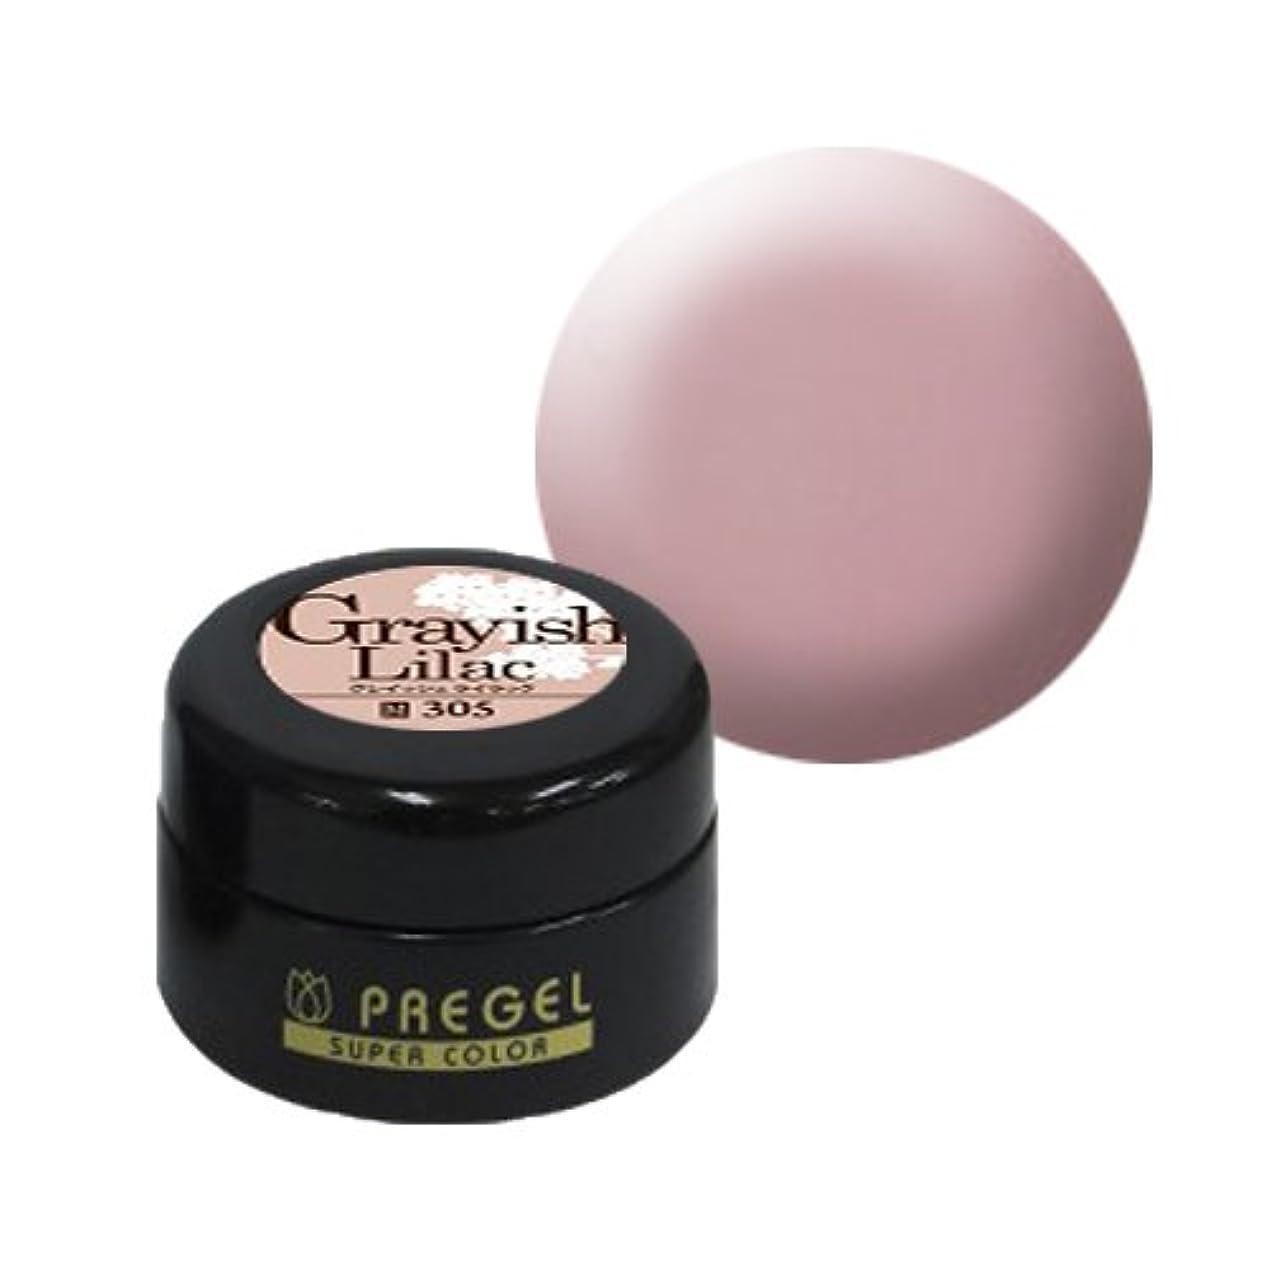 それによって移動ピクニックをする【PREGEL】カラーEx グレイッシュライラック / PG-CE305 【UV&LED】プリジェル カラージェル ジェルネイル用品